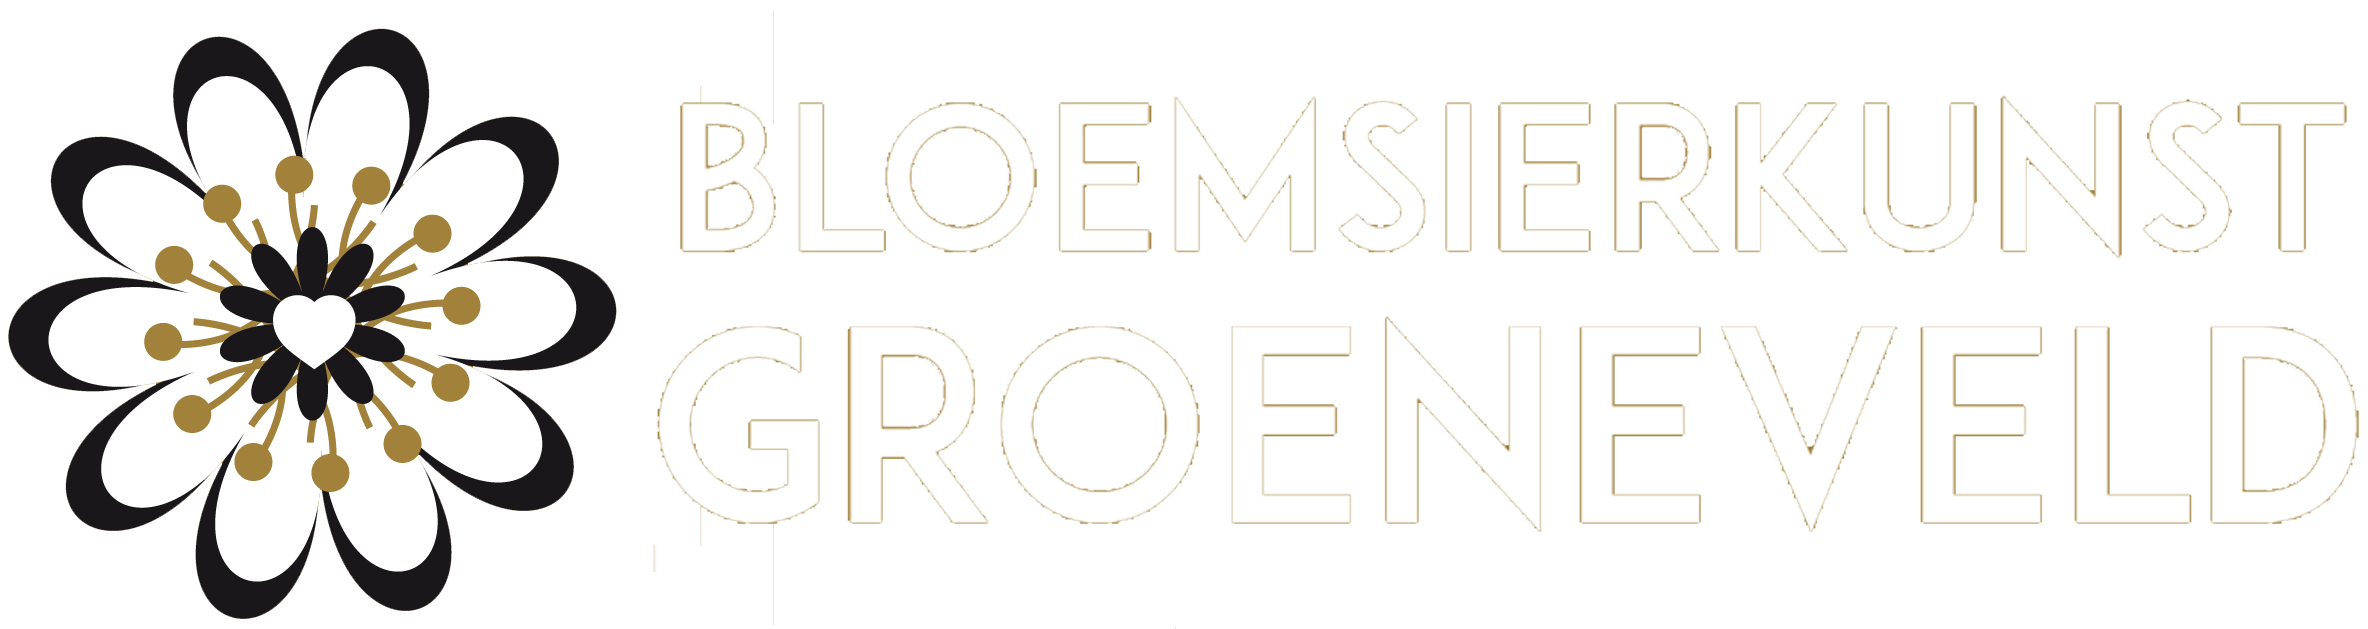 Bloemsierkunst Groeneveld, uw Fleurop bloemist voor Haren, Helpman, Groningen, Glimmen, Onnen en omgeving